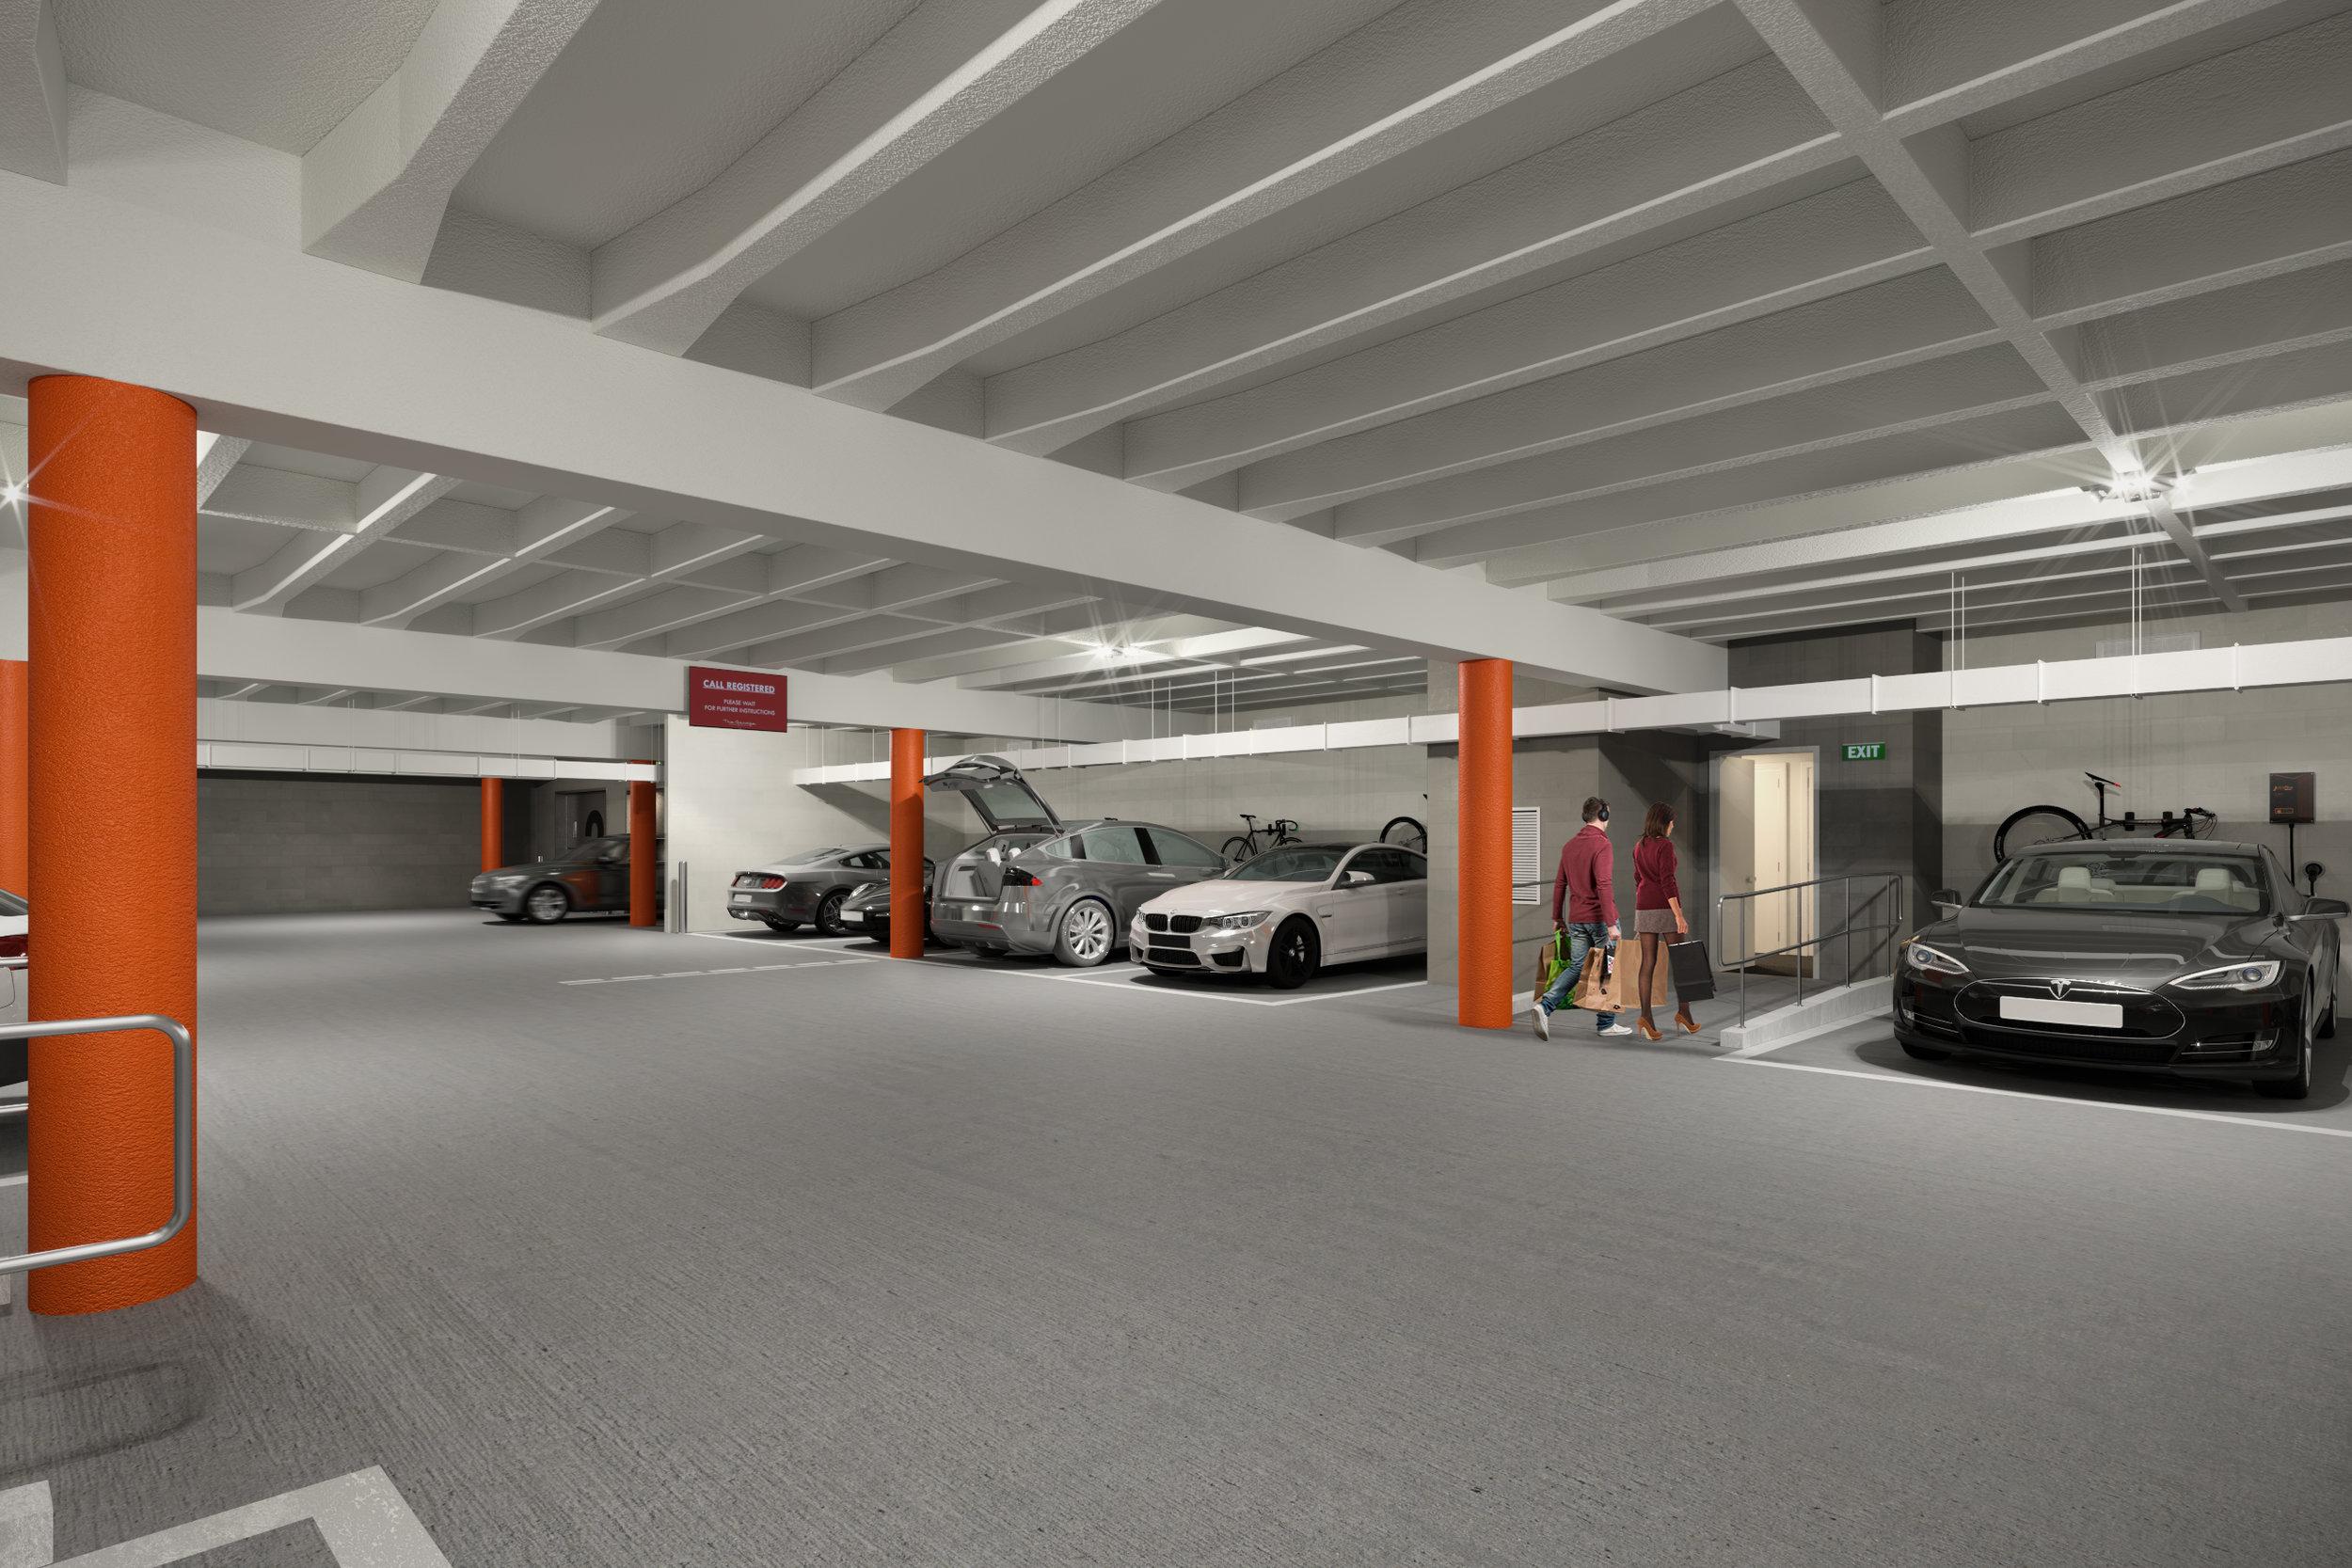 TheGarage_Parking_Interior_Cam2_121318.jpg